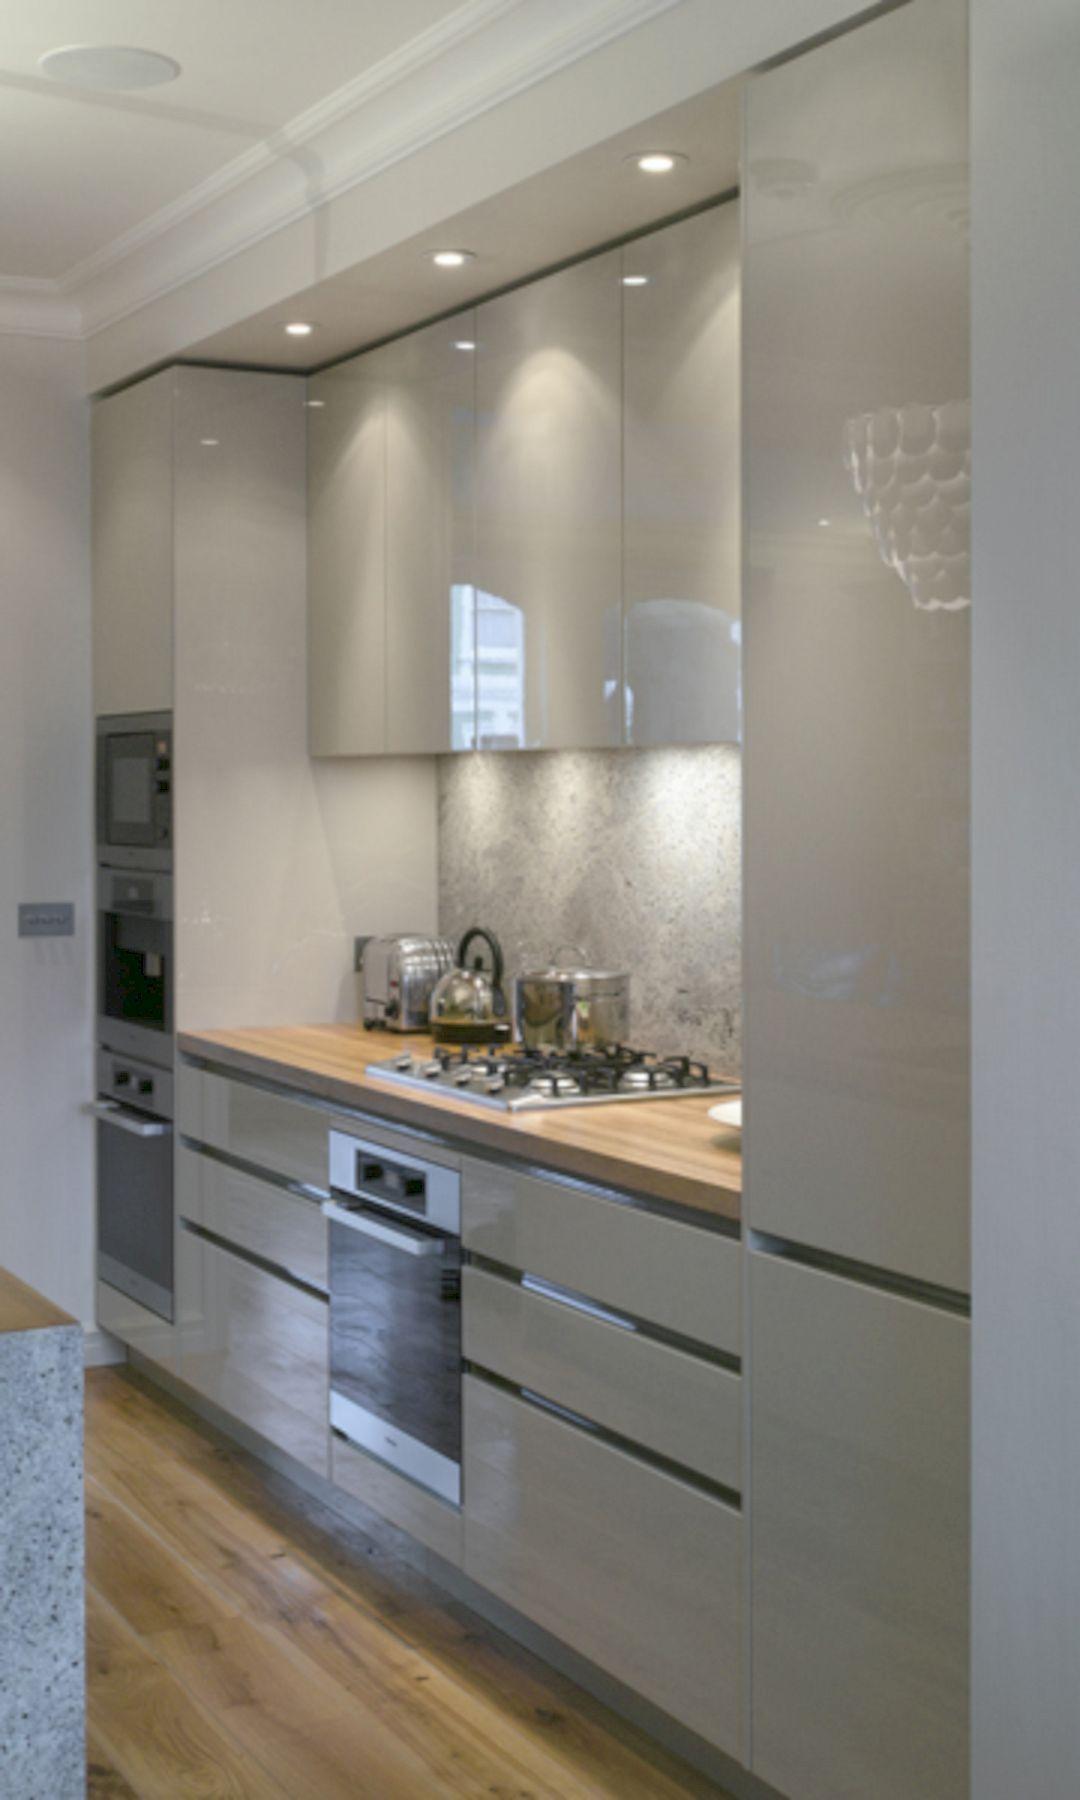 A Guide To Efficient Small Kitchen Design For Apartment Pereplanirovka Kuhni Elitnye Kuhni Nebolshie Kuhni